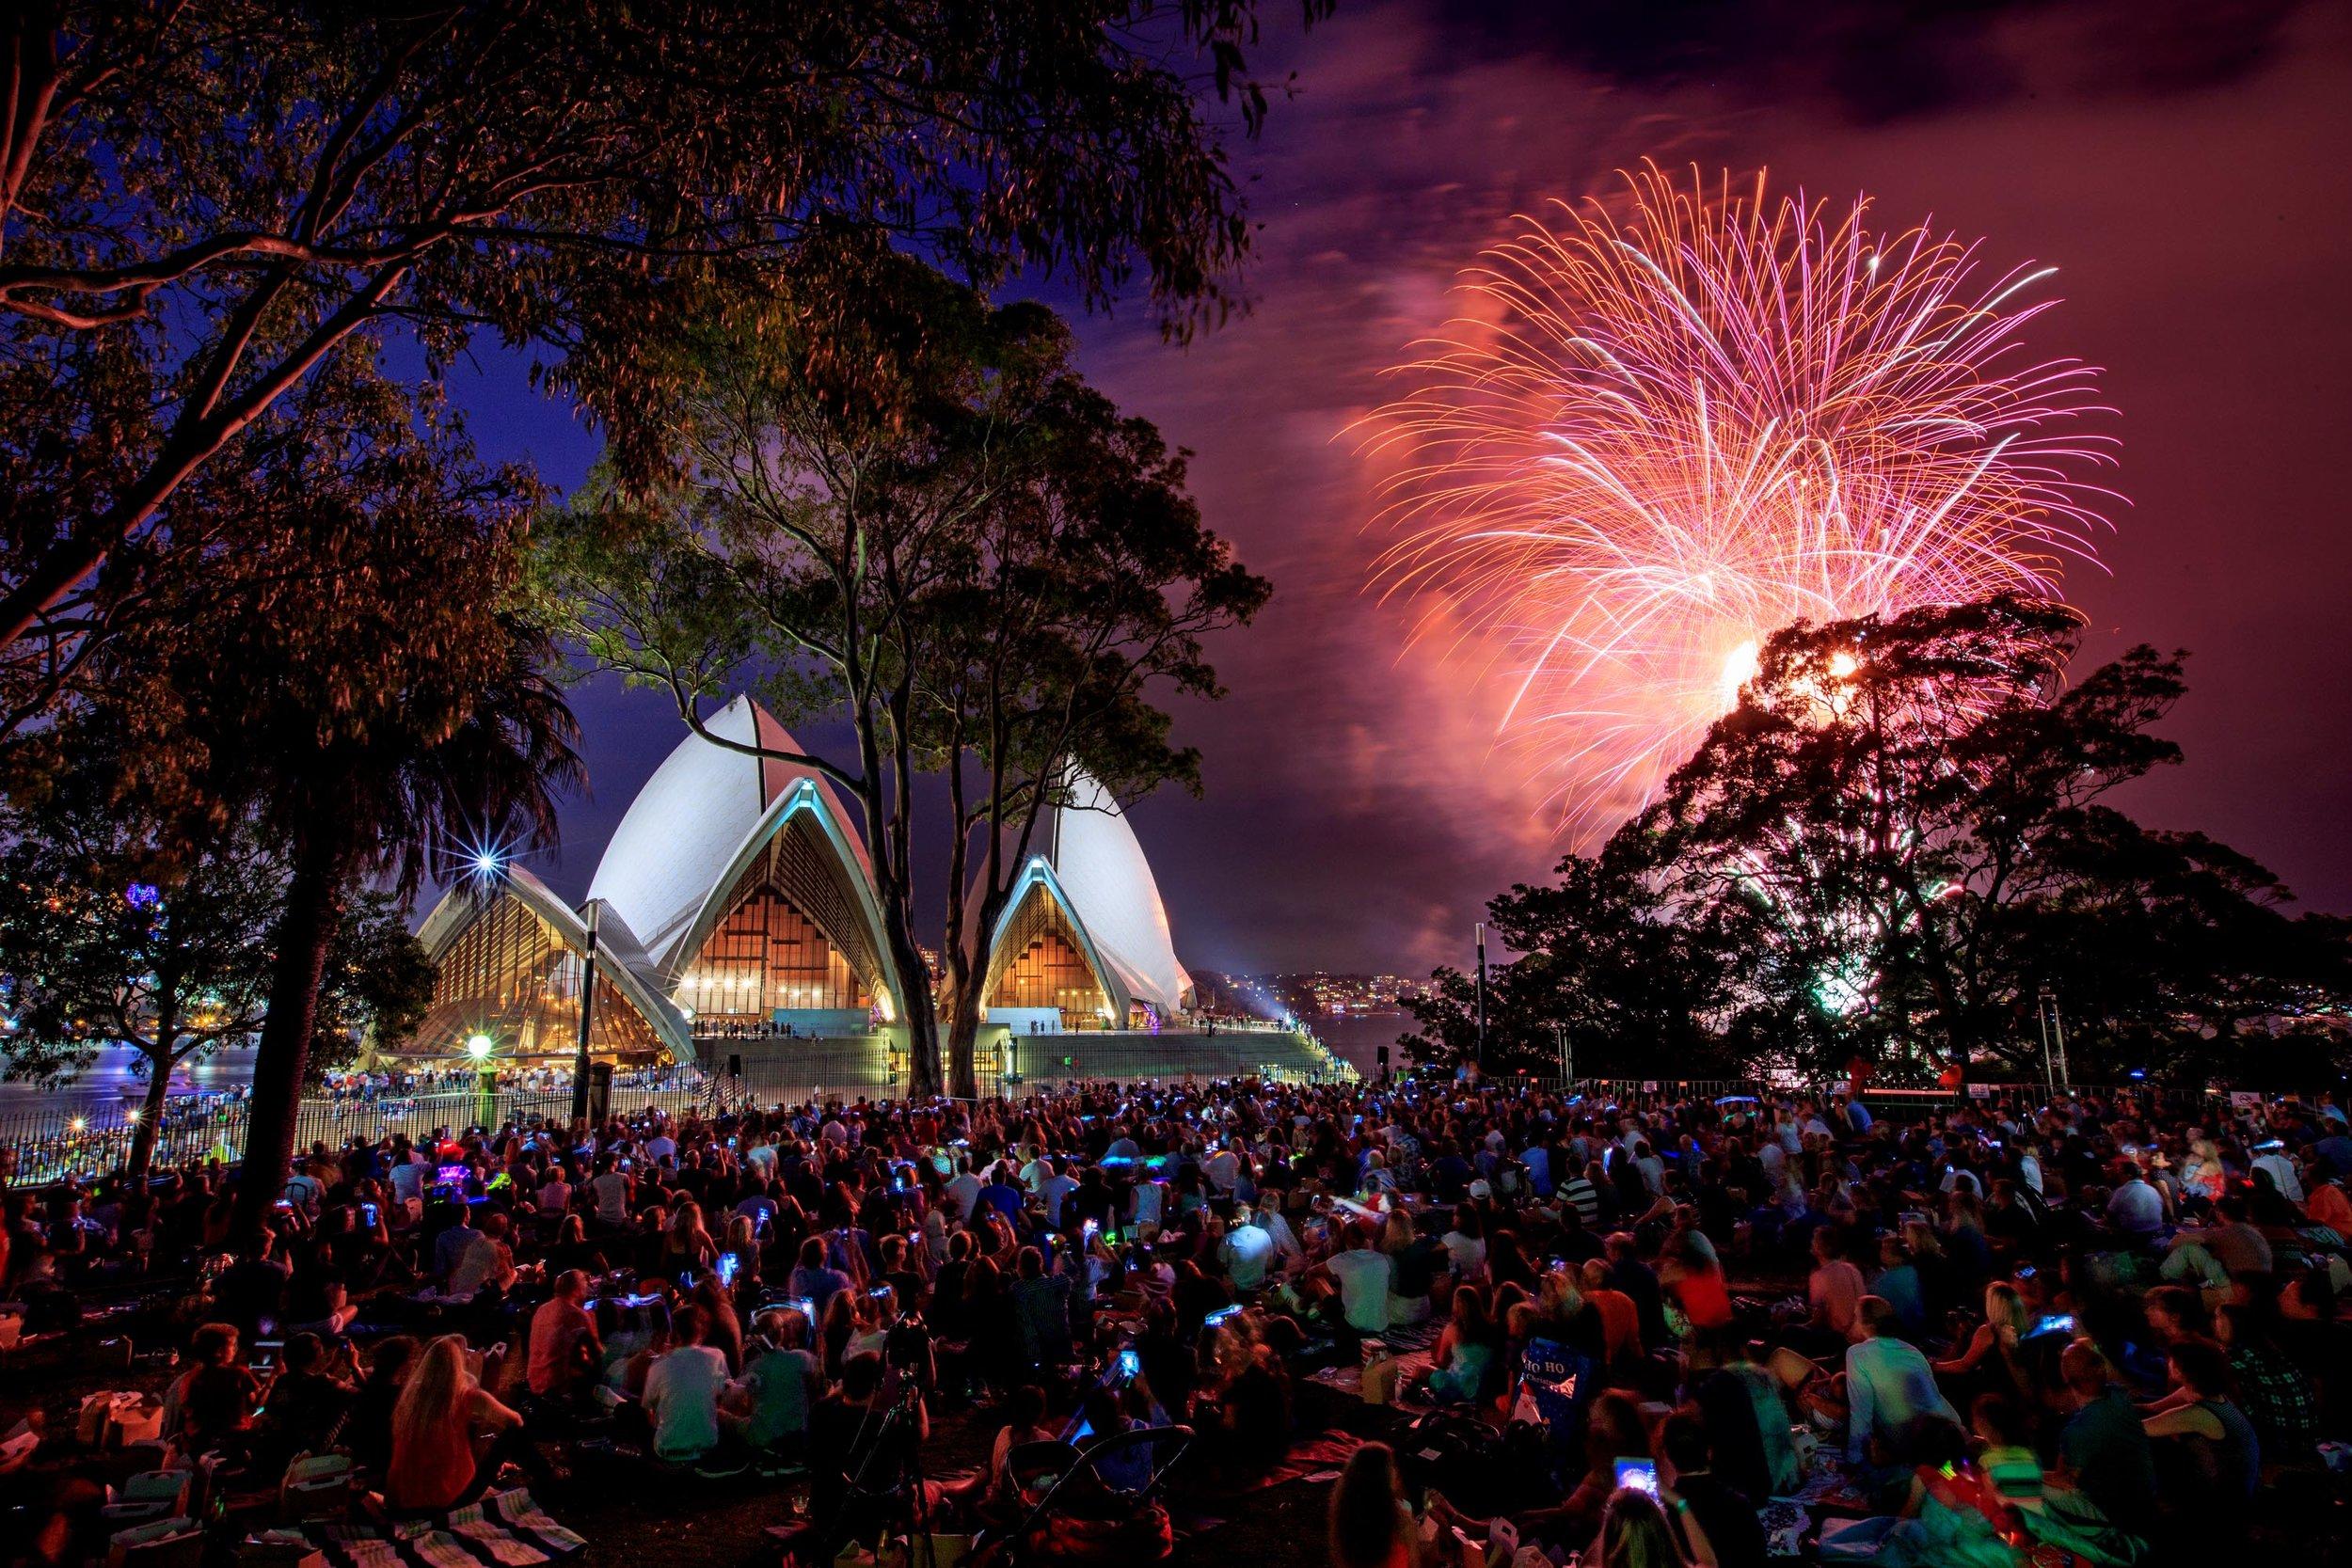 Royal Botanic Gardens_Sydney_NYE 2016_fireworks0013.jpg